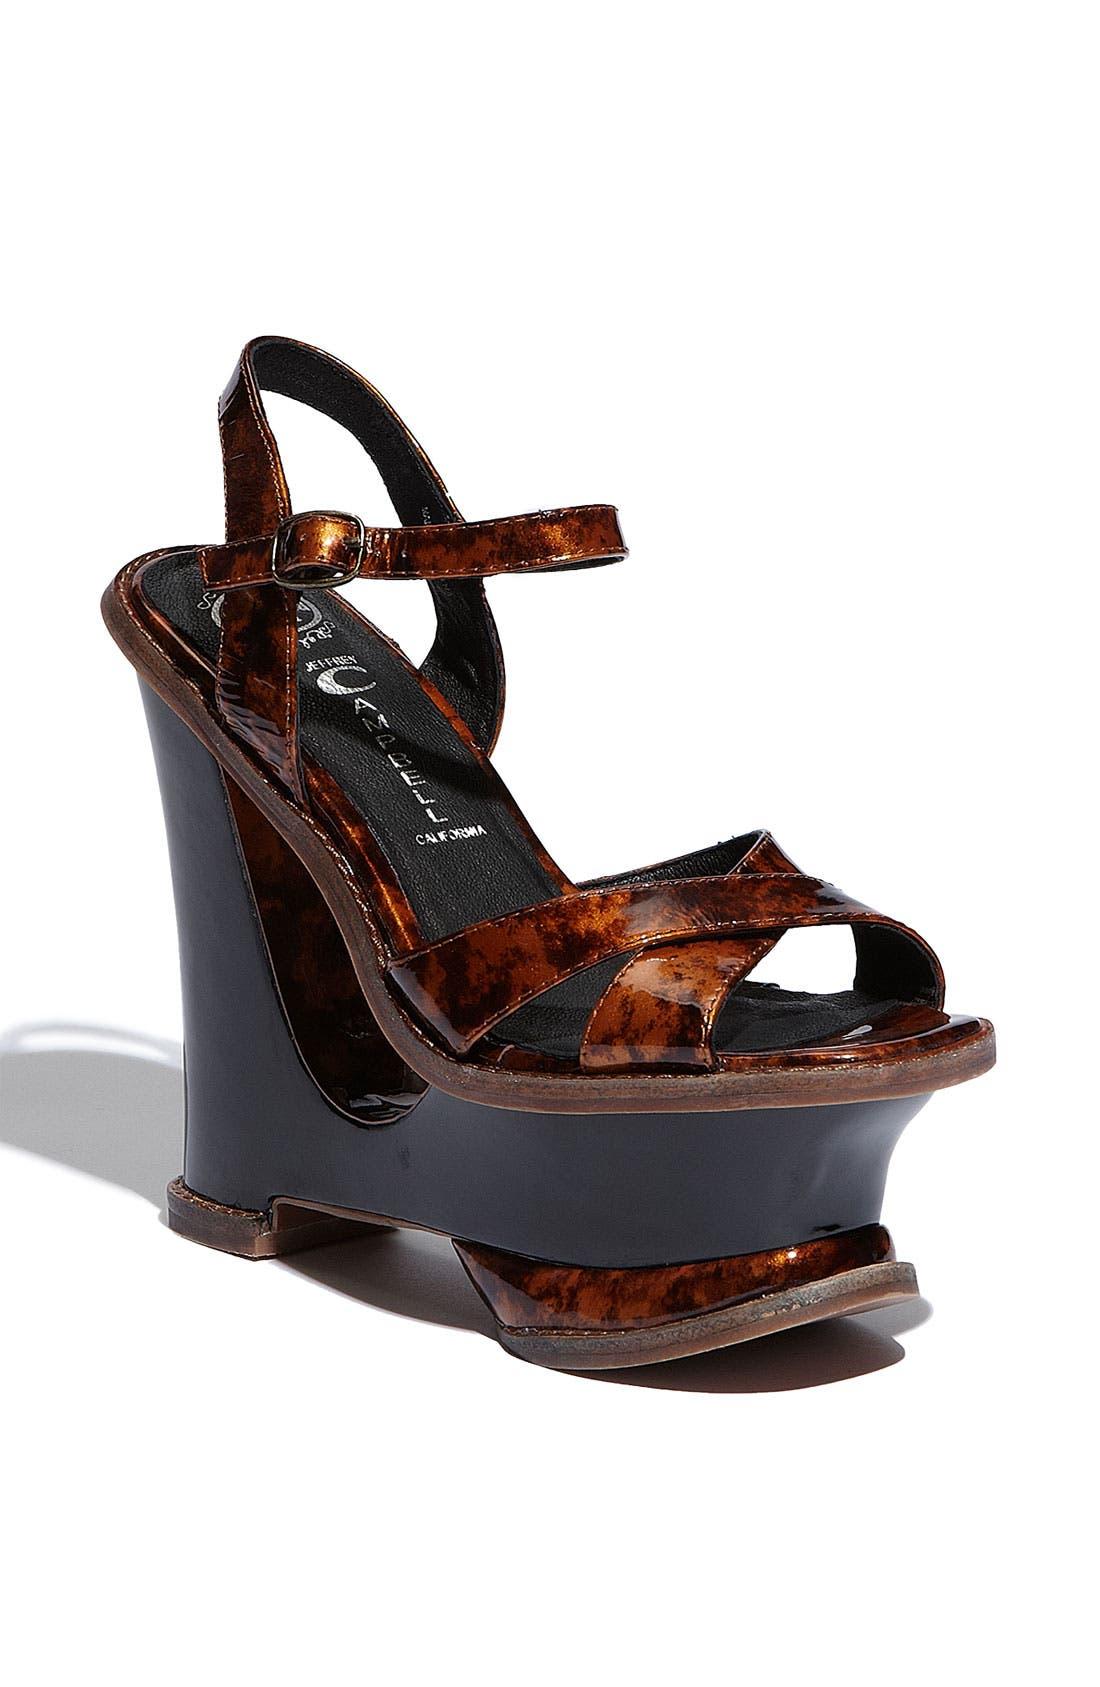 Alternate Image 1 Selected - Jeffrey Campbell 'Hare 2 Mod' Platform Sandal